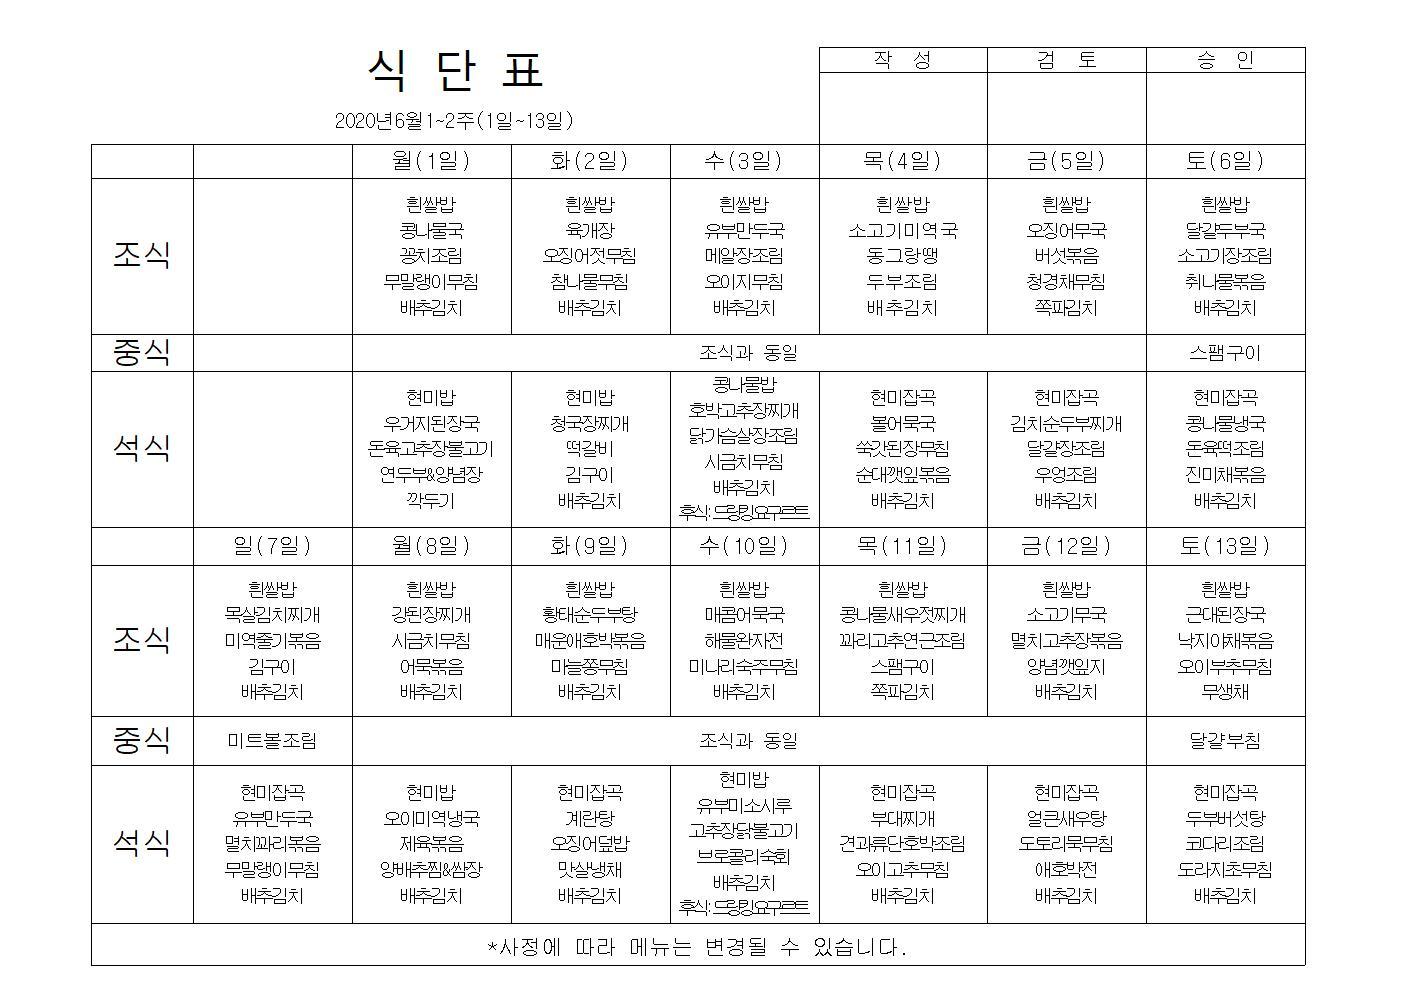 식단표2020년6월1.2주차 - 복사본001.jpg